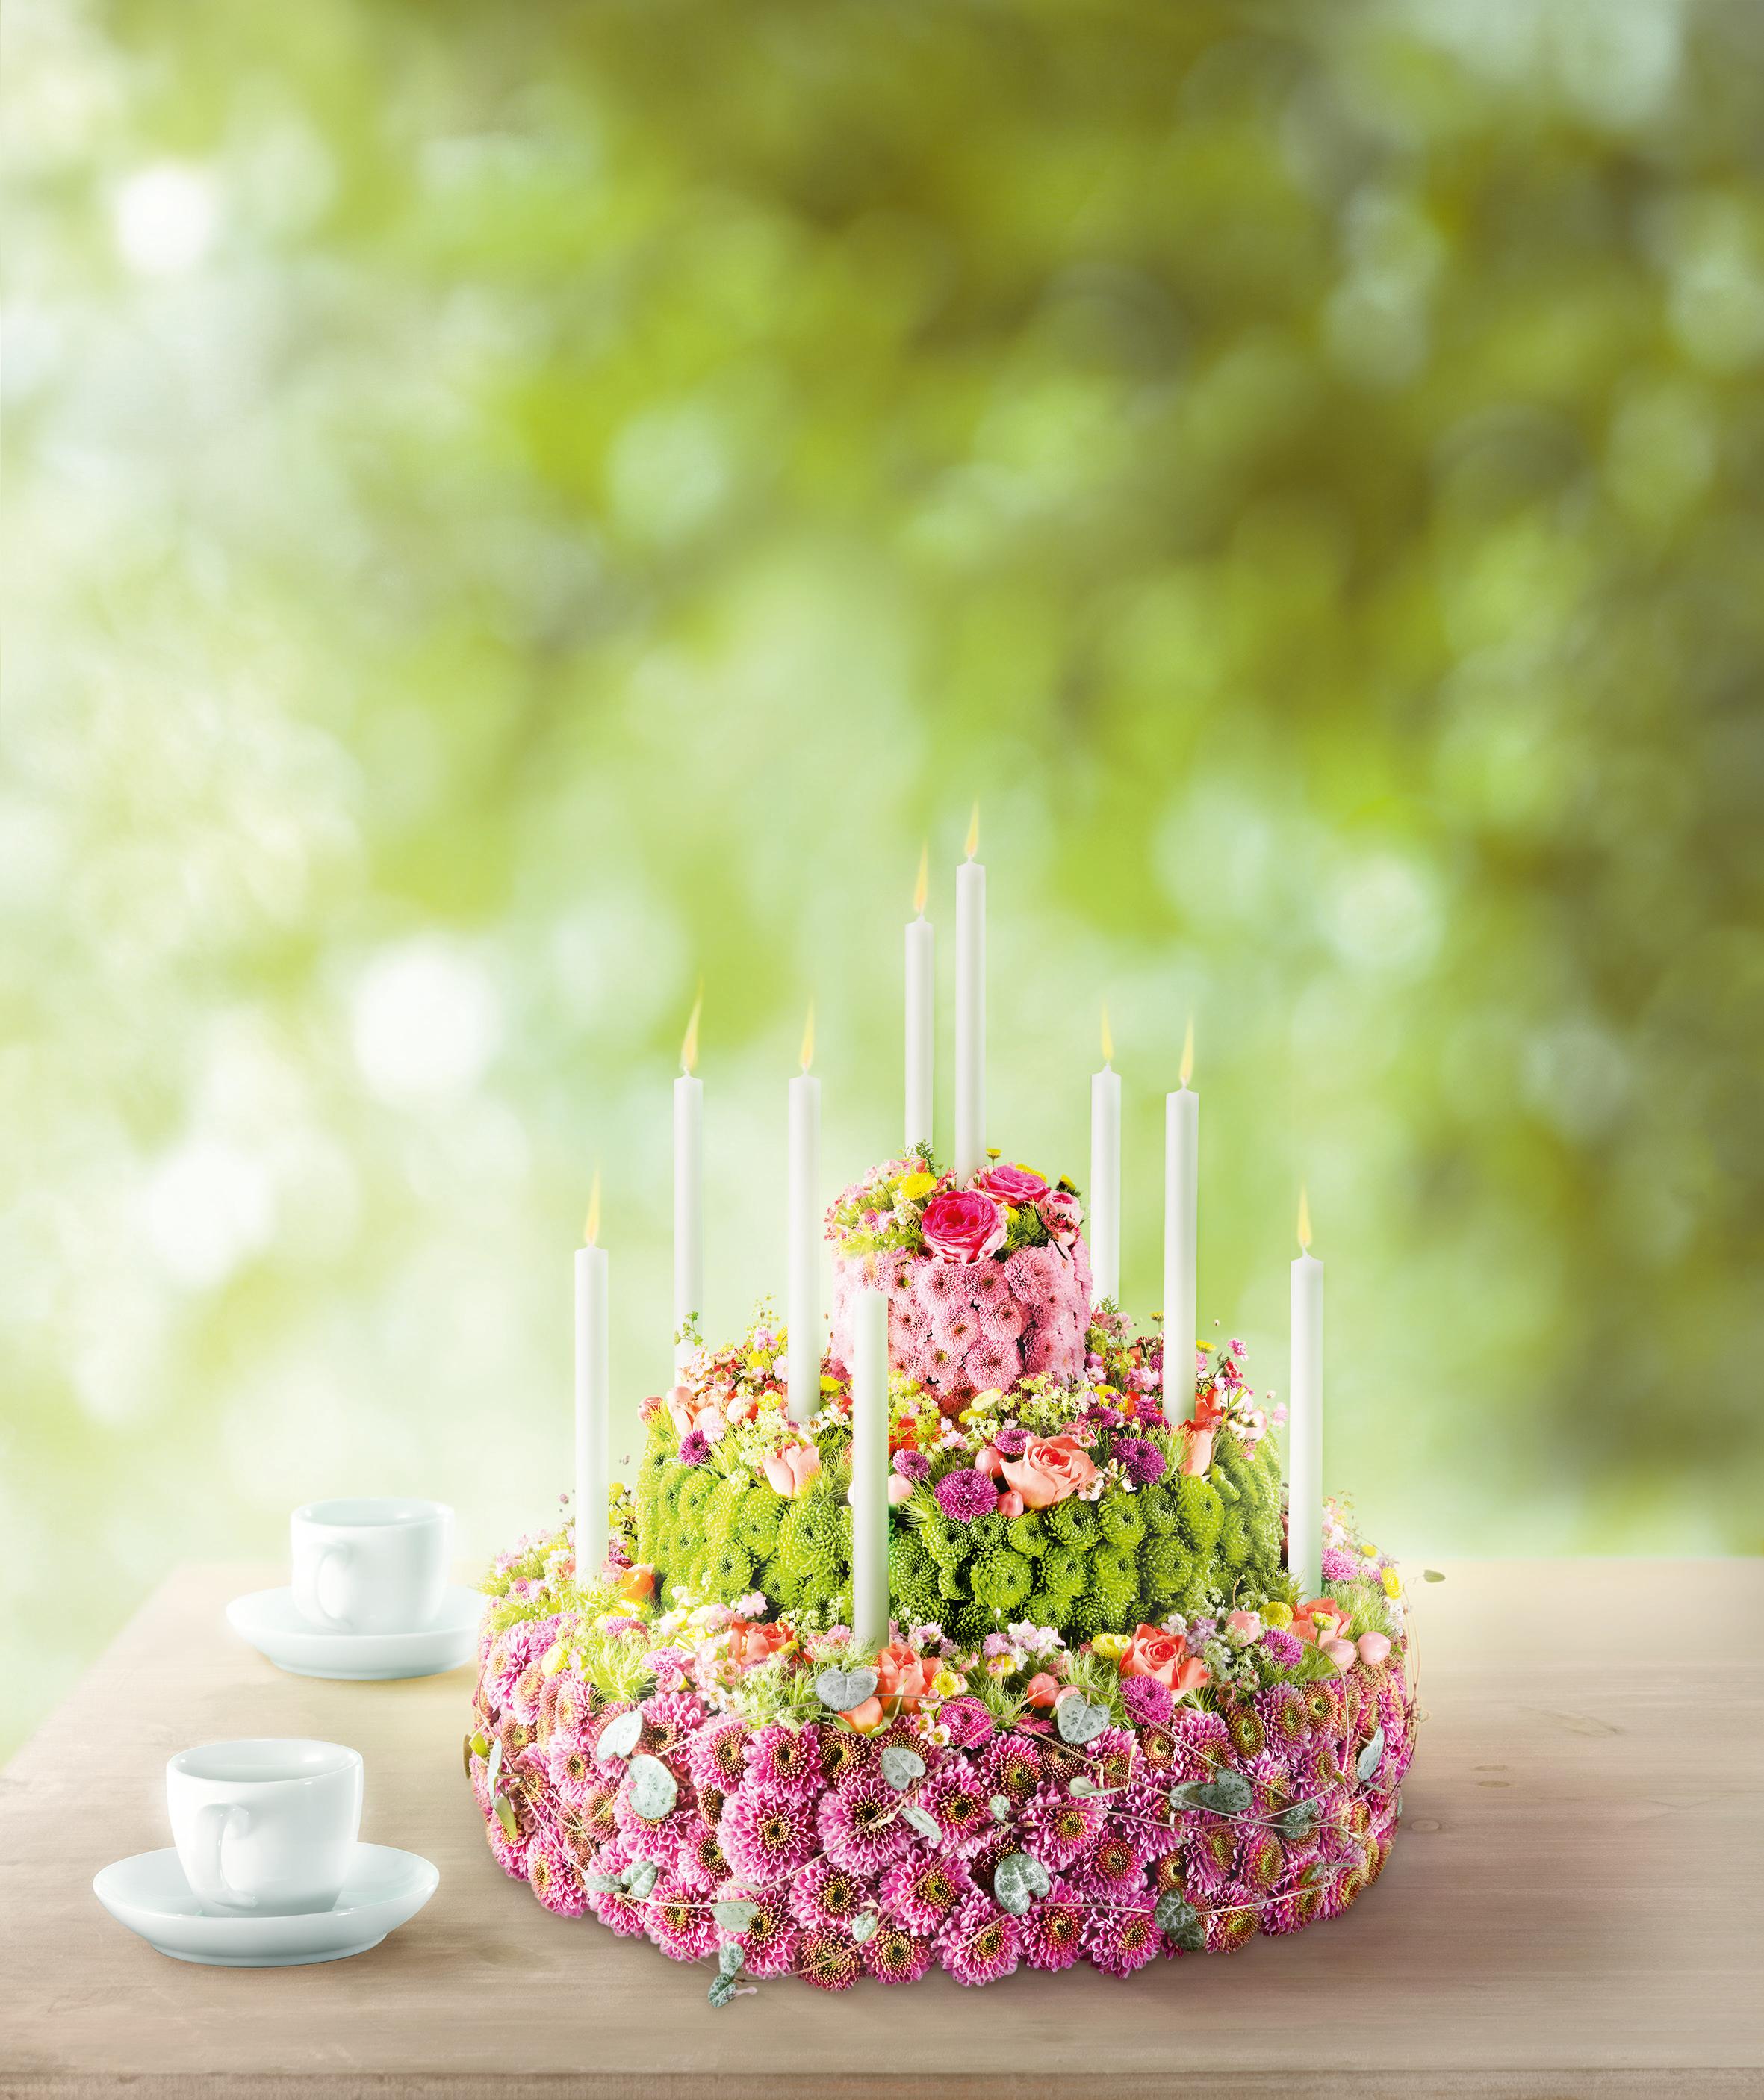 Blumentorte Weil Heute Dein Geburtstag Ist Ein Besonderer Mensch Ein Besonderer Tag Ein Einzigartiges Geschenk Fur Di Blumen Kerzen Verzieren Blumen Torte